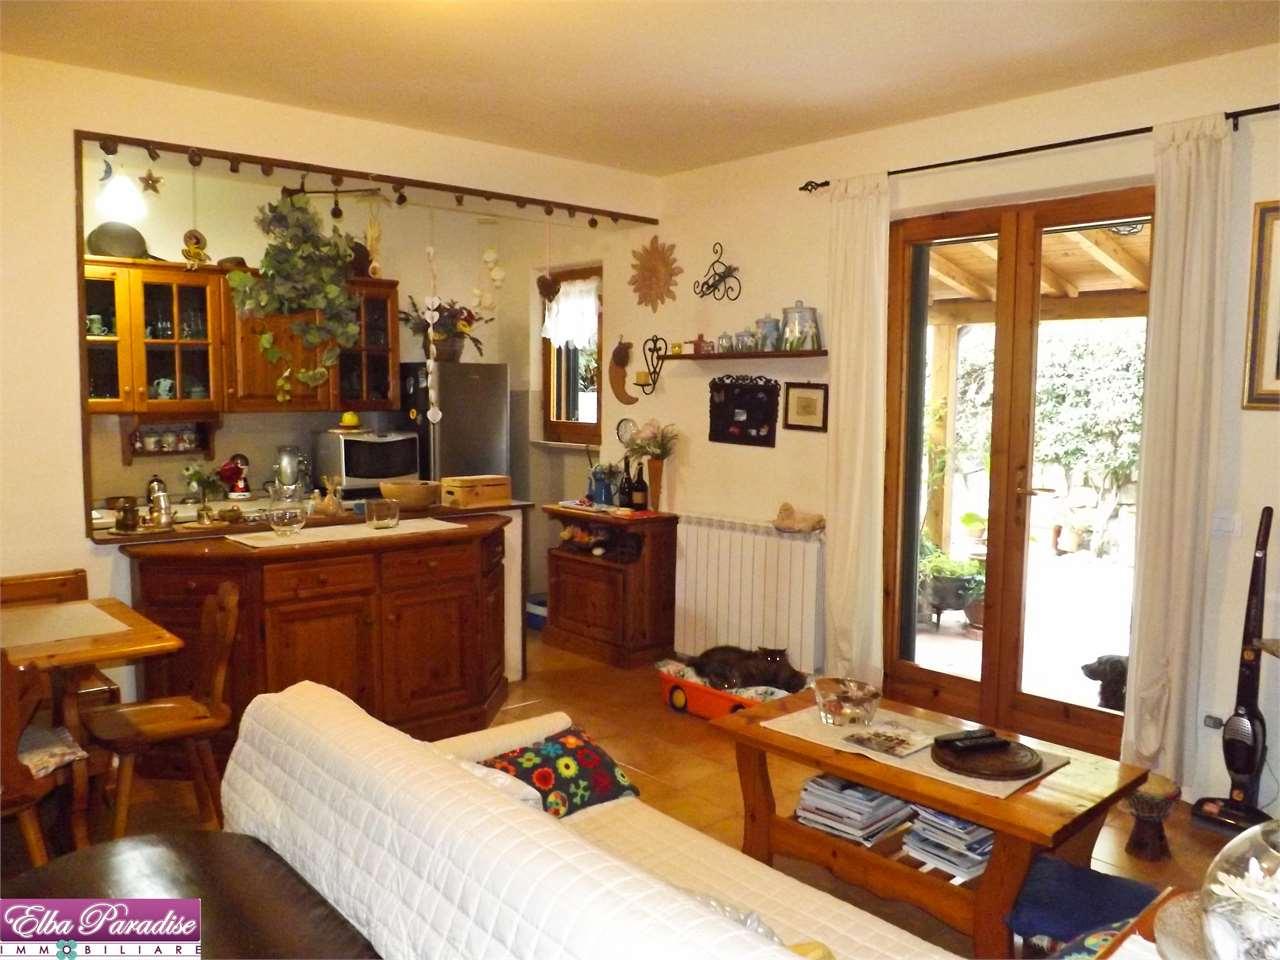 Appartamento in vendita a Campo nell'Elba, 3 locali, zona Località: Prima Campagna, prezzo € 220.000 | PortaleAgenzieImmobiliari.it